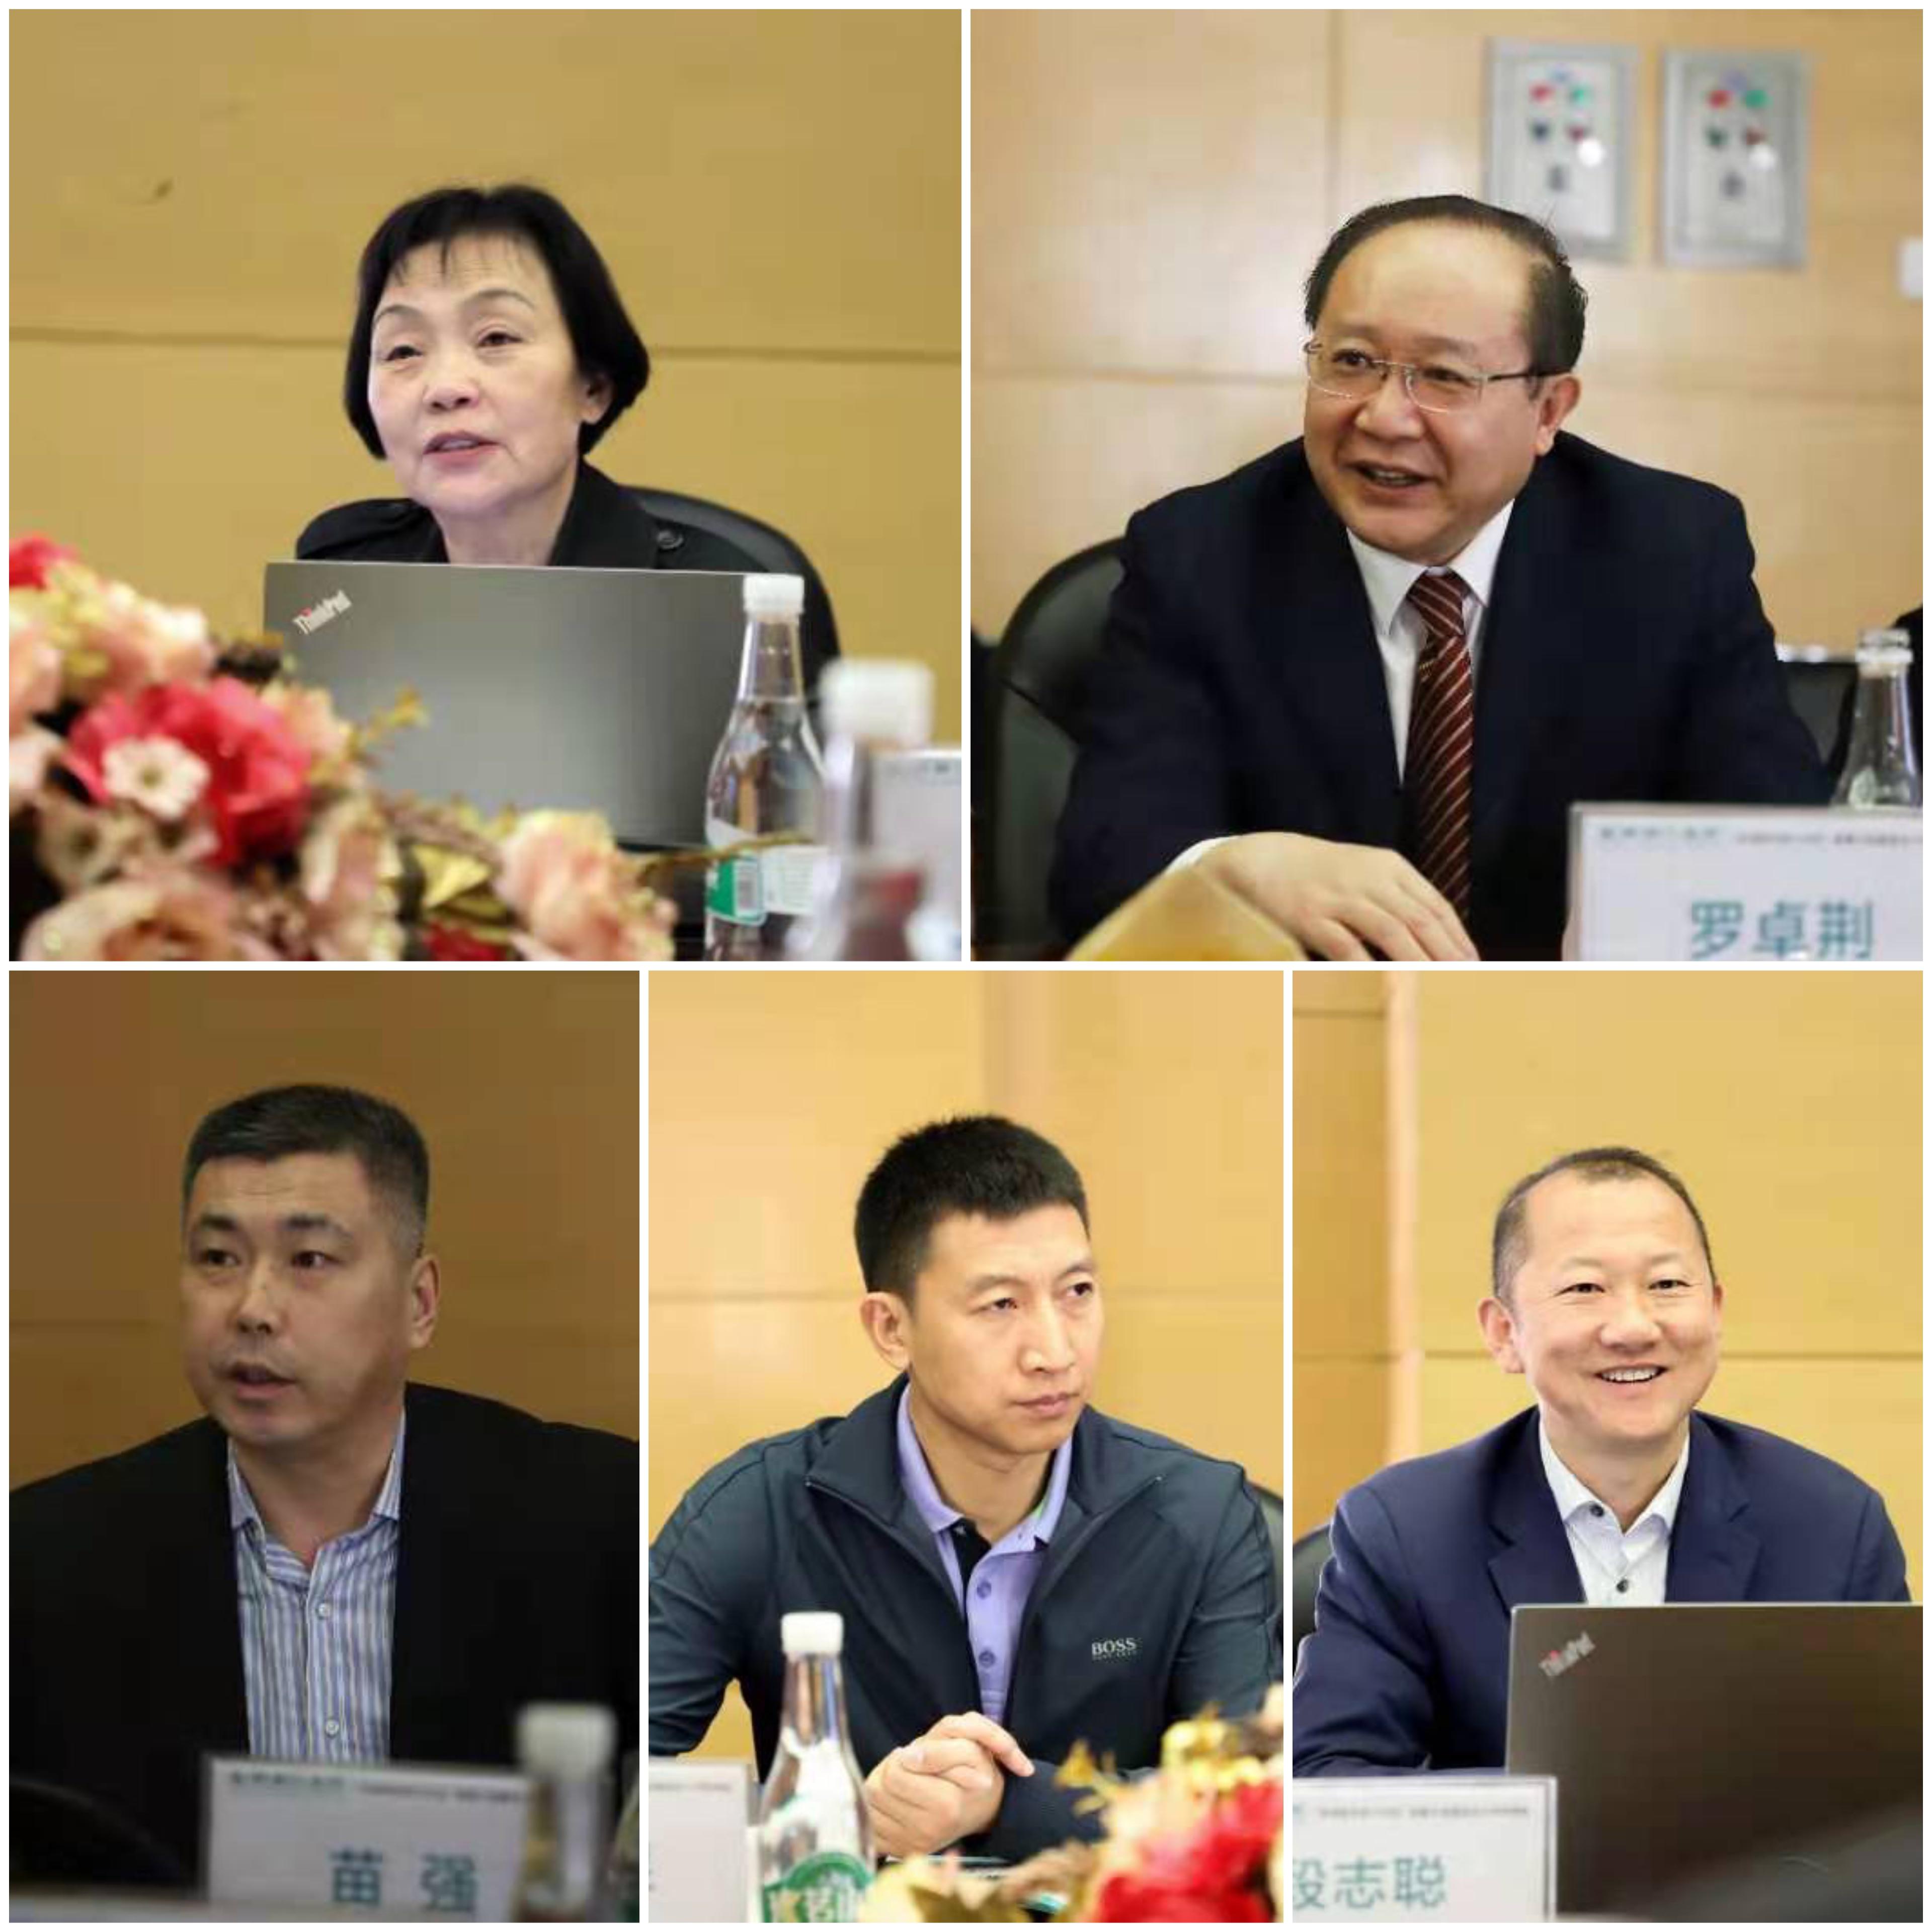 昆明同仁医院「罗卓荆专家工作站」与智善公益基金会正式签约合作「中国梦·脊梁工程」项目